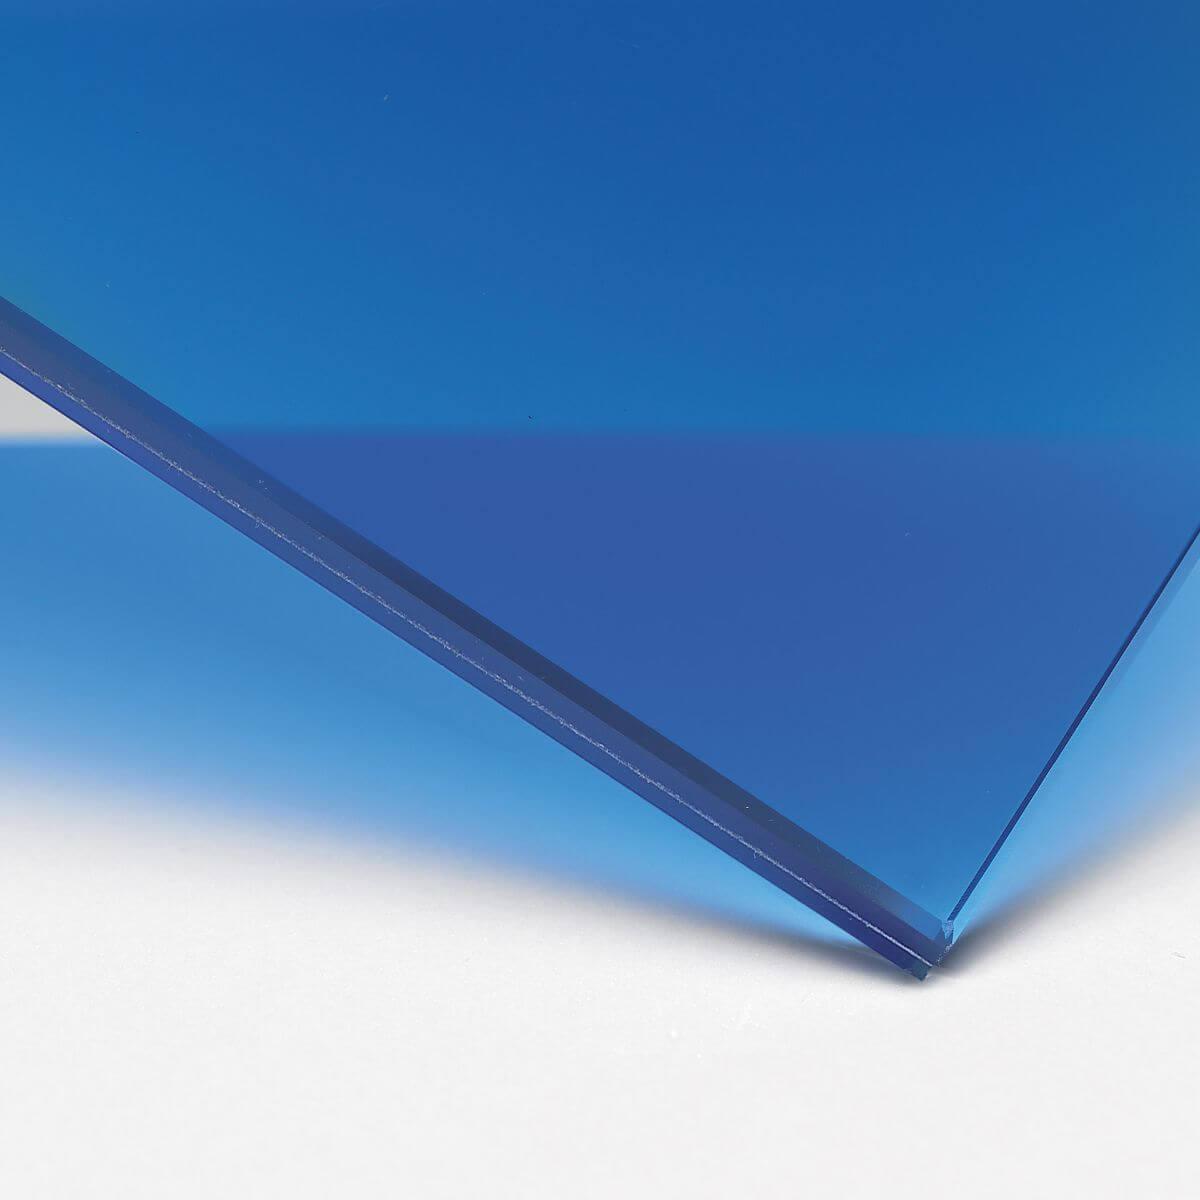 Finitura: Vetro con pellicola interna blu trasparente